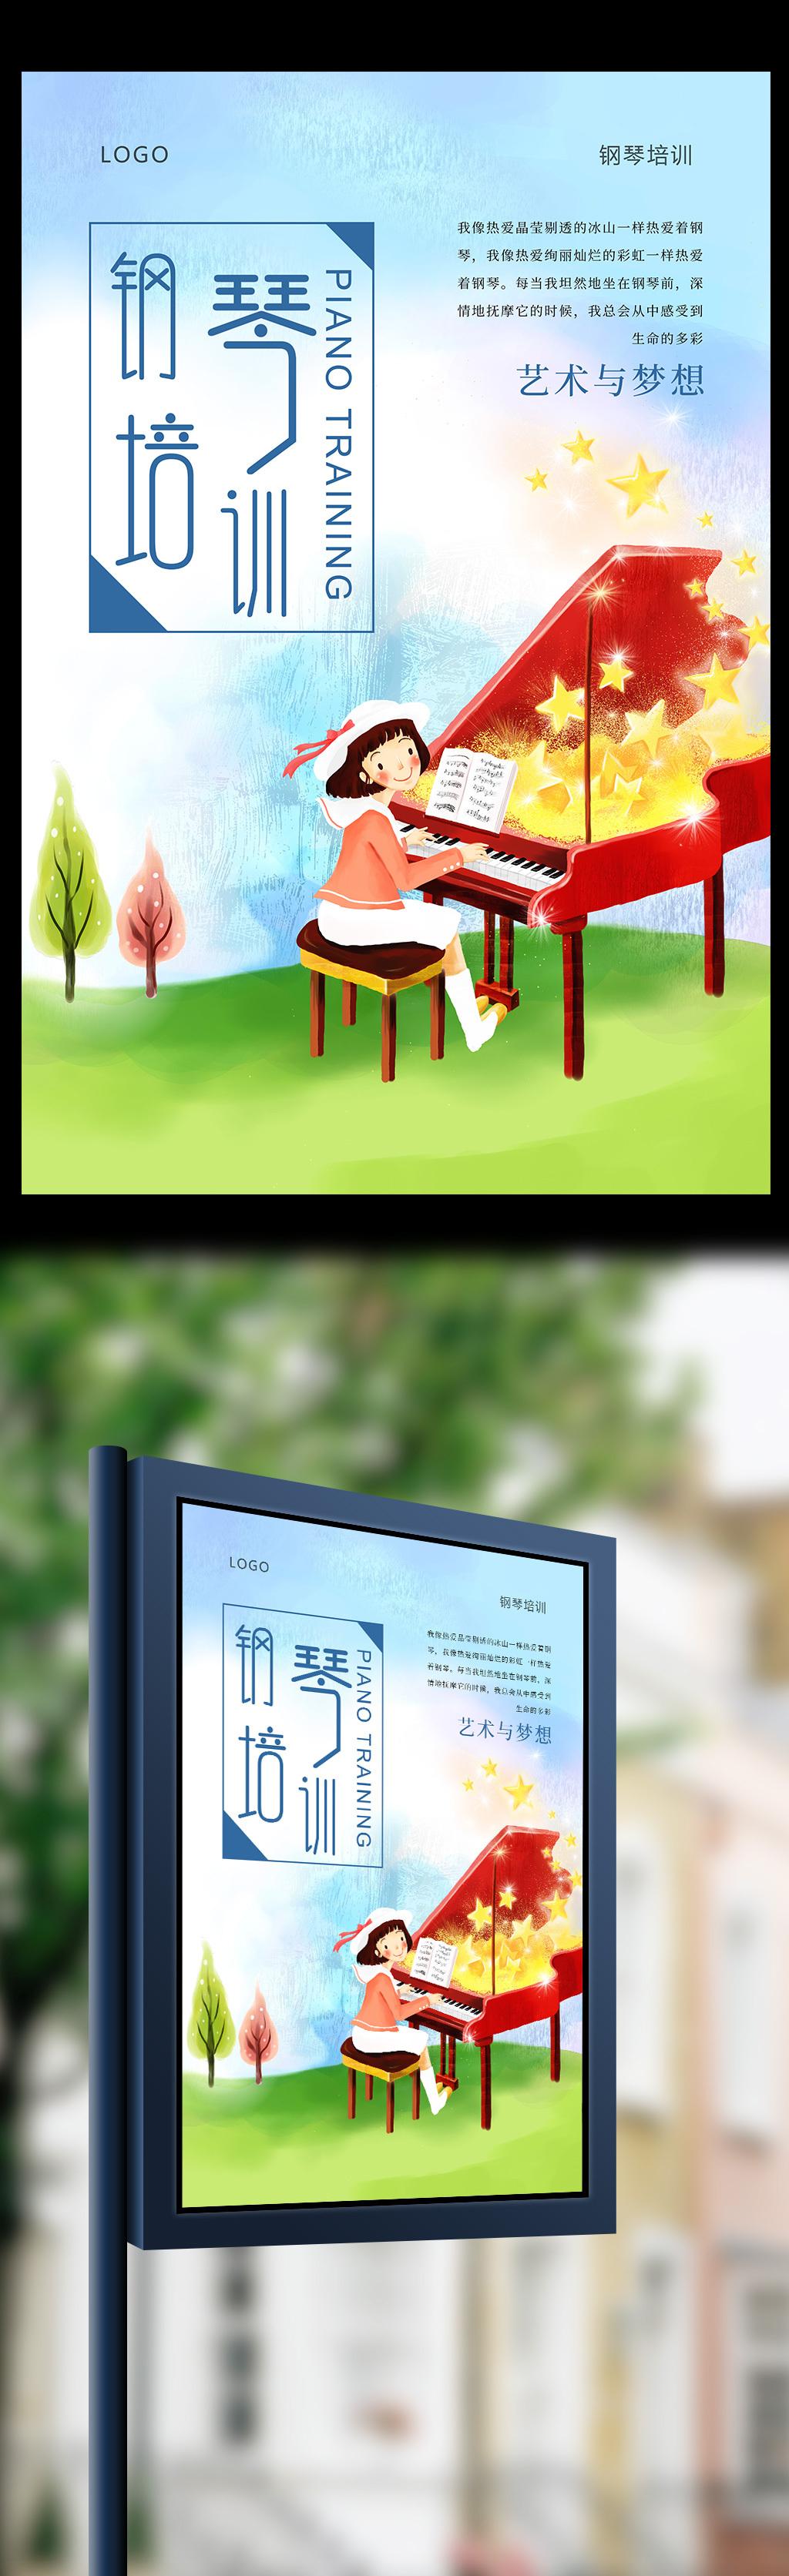 清新插画风钢琴培训海报设计